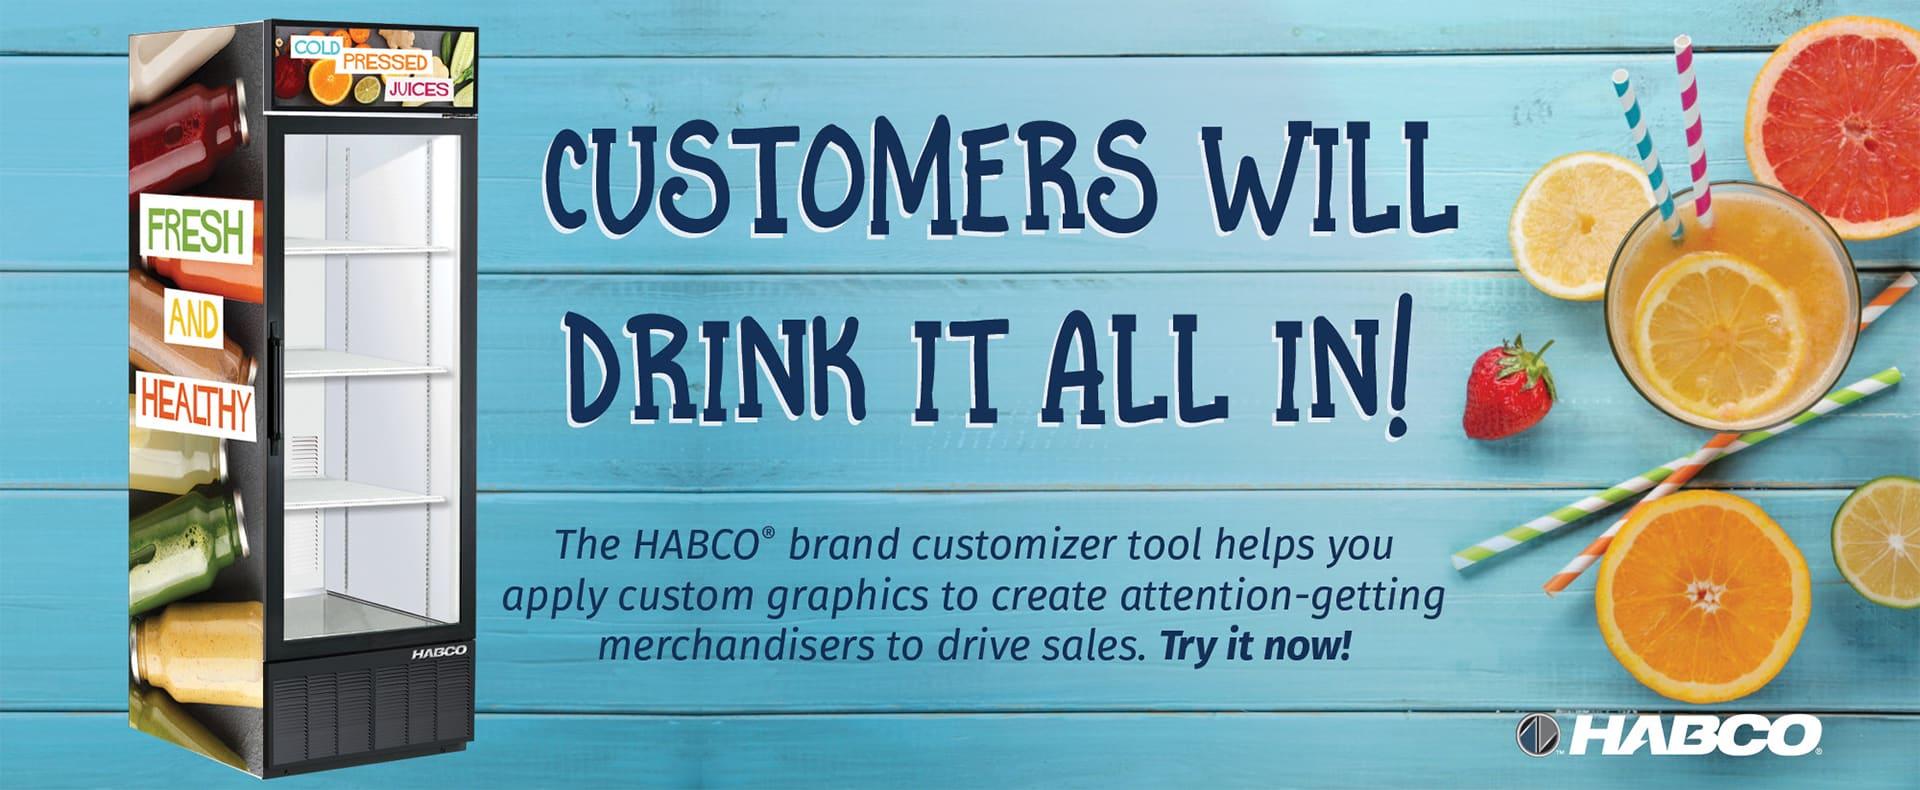 Habco Merchandisers